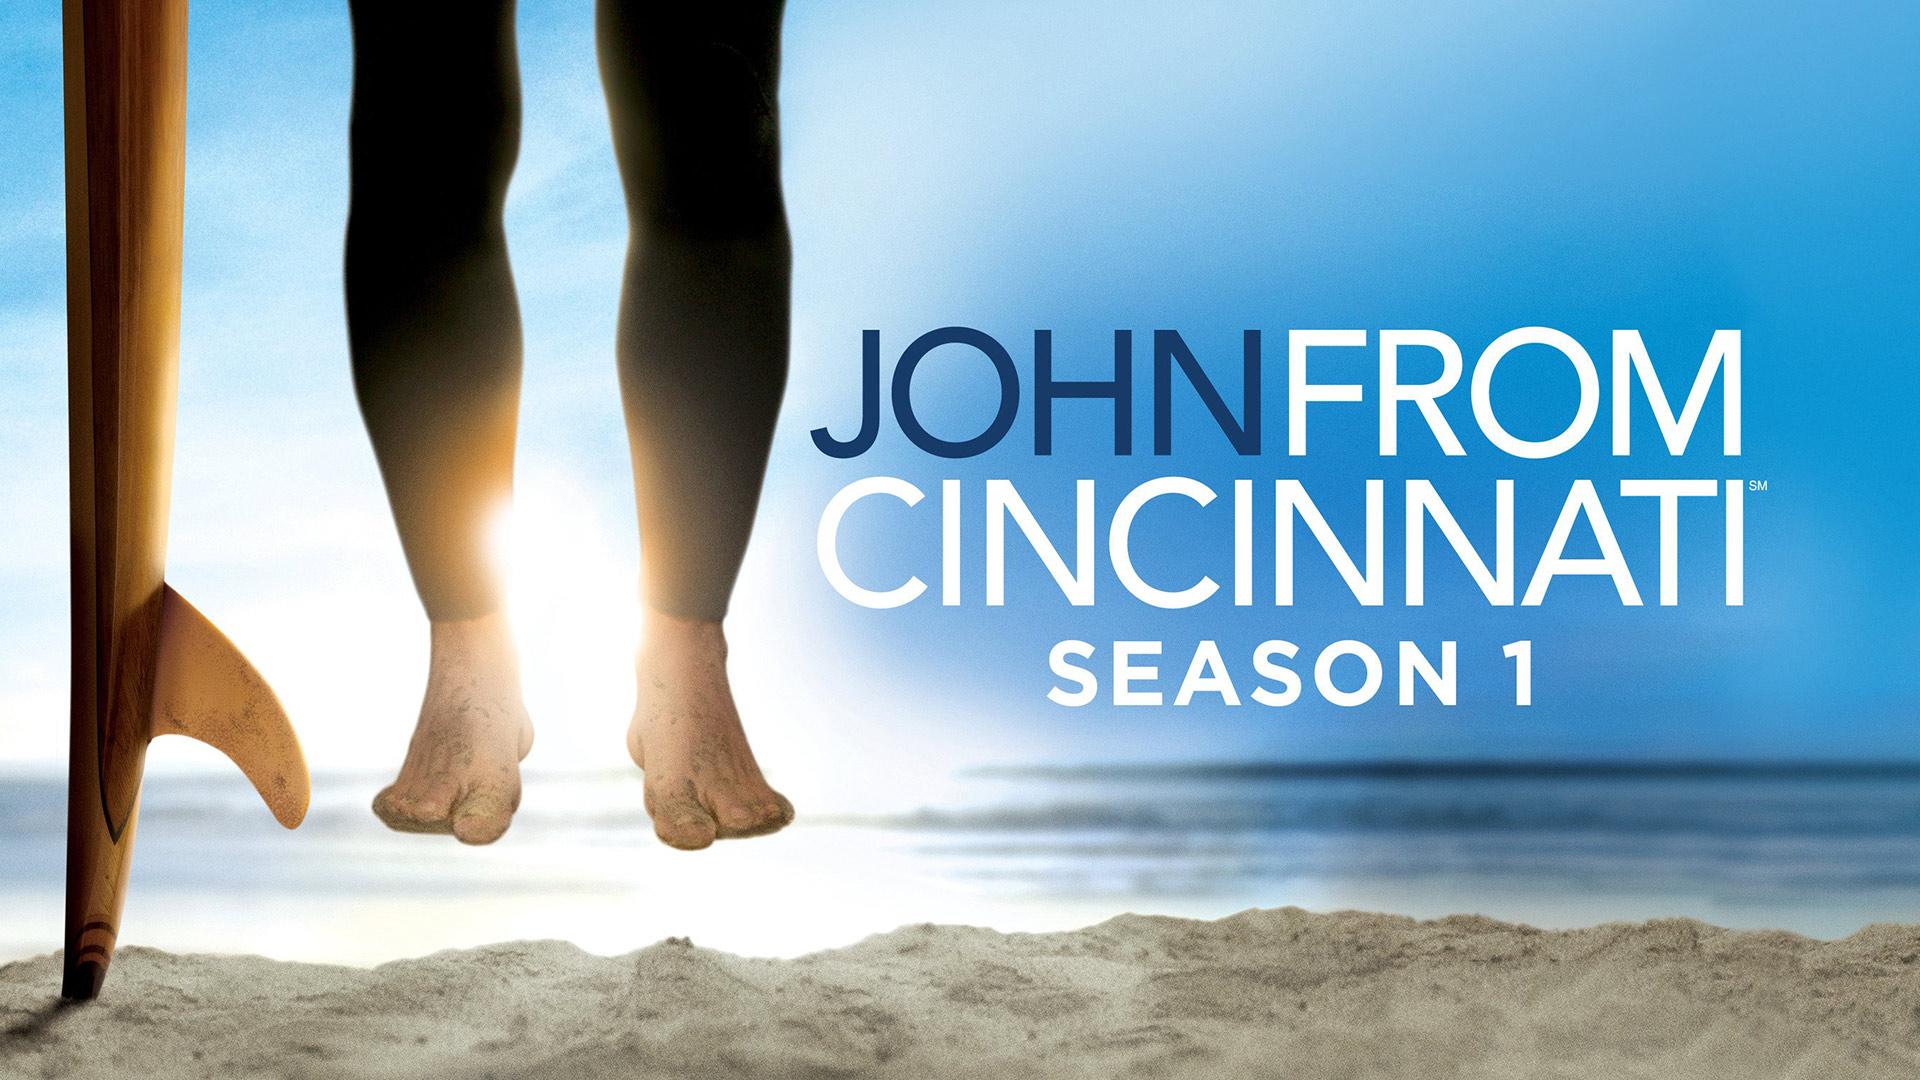 John From Cincinnati Season 1